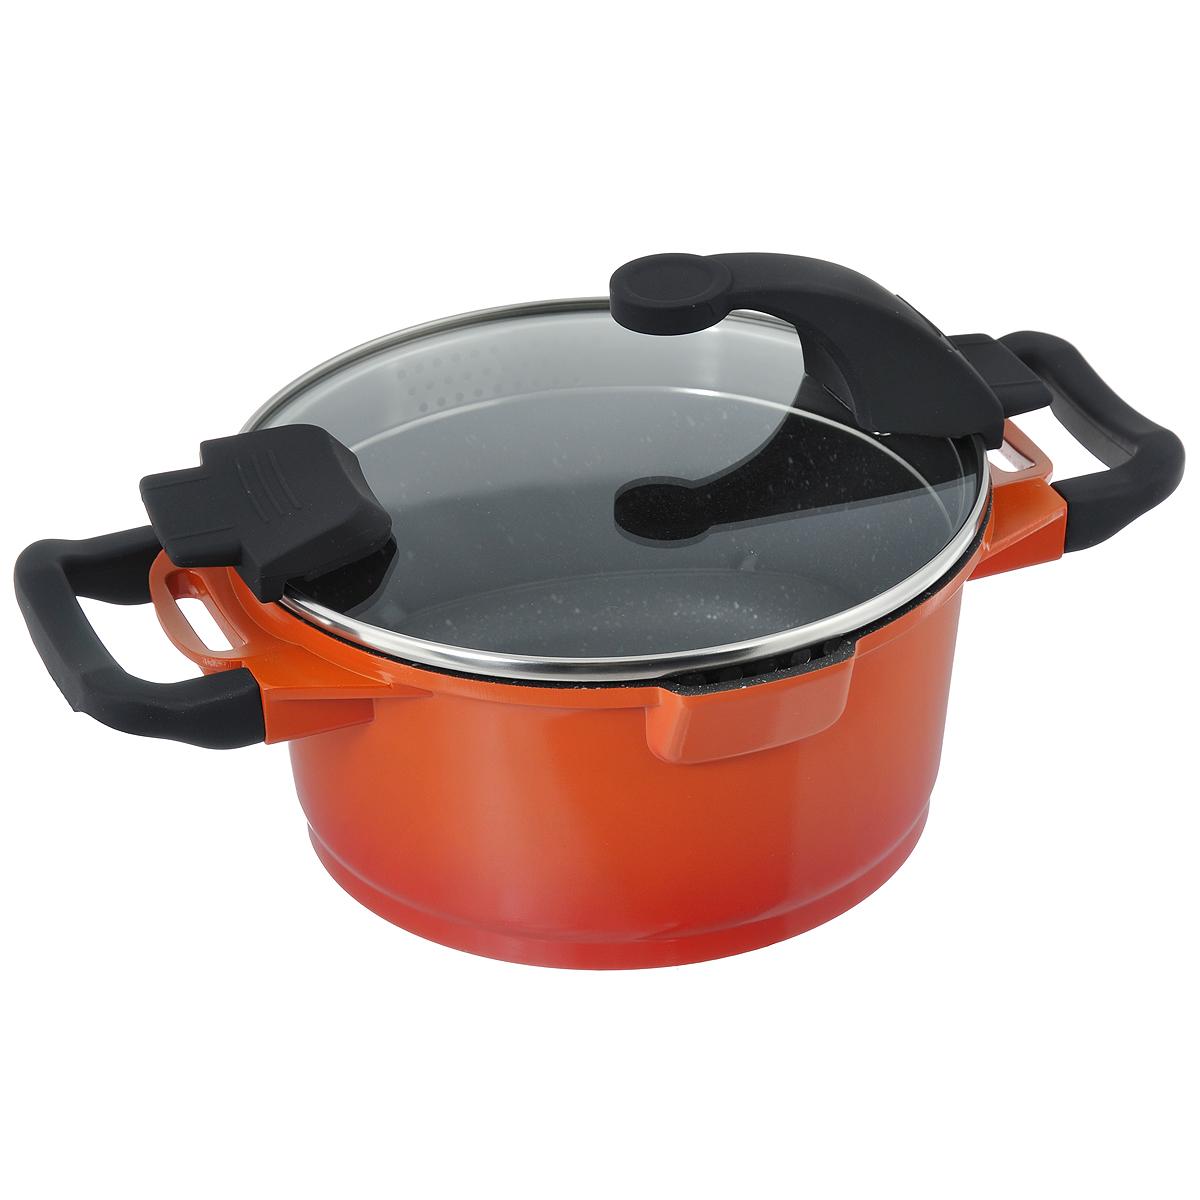 Кастрюля BergHOFF Virgo Orange с крышкой, с антипригарным покрытием, цвет: оранжево-красный, 2,7 л54 009312Кастрюля BergHOFF Virgo изготовлена из литого алюминия, который имеет эффект чугунной посуды. В отличие от чугуна, посуда из алюминия легче по весу и быстро нагревается, что гарантирует сбережение энергии. Внутреннее покрытие - экологически безопасное антипригарное покрытие Ferno Green, которое не содержит ни свинца, ни кадмия. Антипригарные свойства посуды позволяют готовить без жира и подсолнечного масла или с его малым количеством. Ручки выполнены из бакелита с покрытием Soft-touch, они имеют комфортную эргономичную форму и не нагреваются в процессе эксплуатации. Крышка изготовлена из термостойкого стекла, благодаря чему можно наблюдать за ингредиентами в процессе приготовления. Широкий металлический обод со специальными отверстиями разного диаметра позволяет выливать жидкость, не снимая крышку. Подходит для всех типов плит, включая индукционные. Рекомендуется мыть вручную. Диаметр кастрюли (по верхнему краю): 20 см. Ширина кастрюли (с учетом ручек): 32 см.Высота стенки: 10 см. Толщина стенки: 3 мм. Толщина дна: 5 мм.